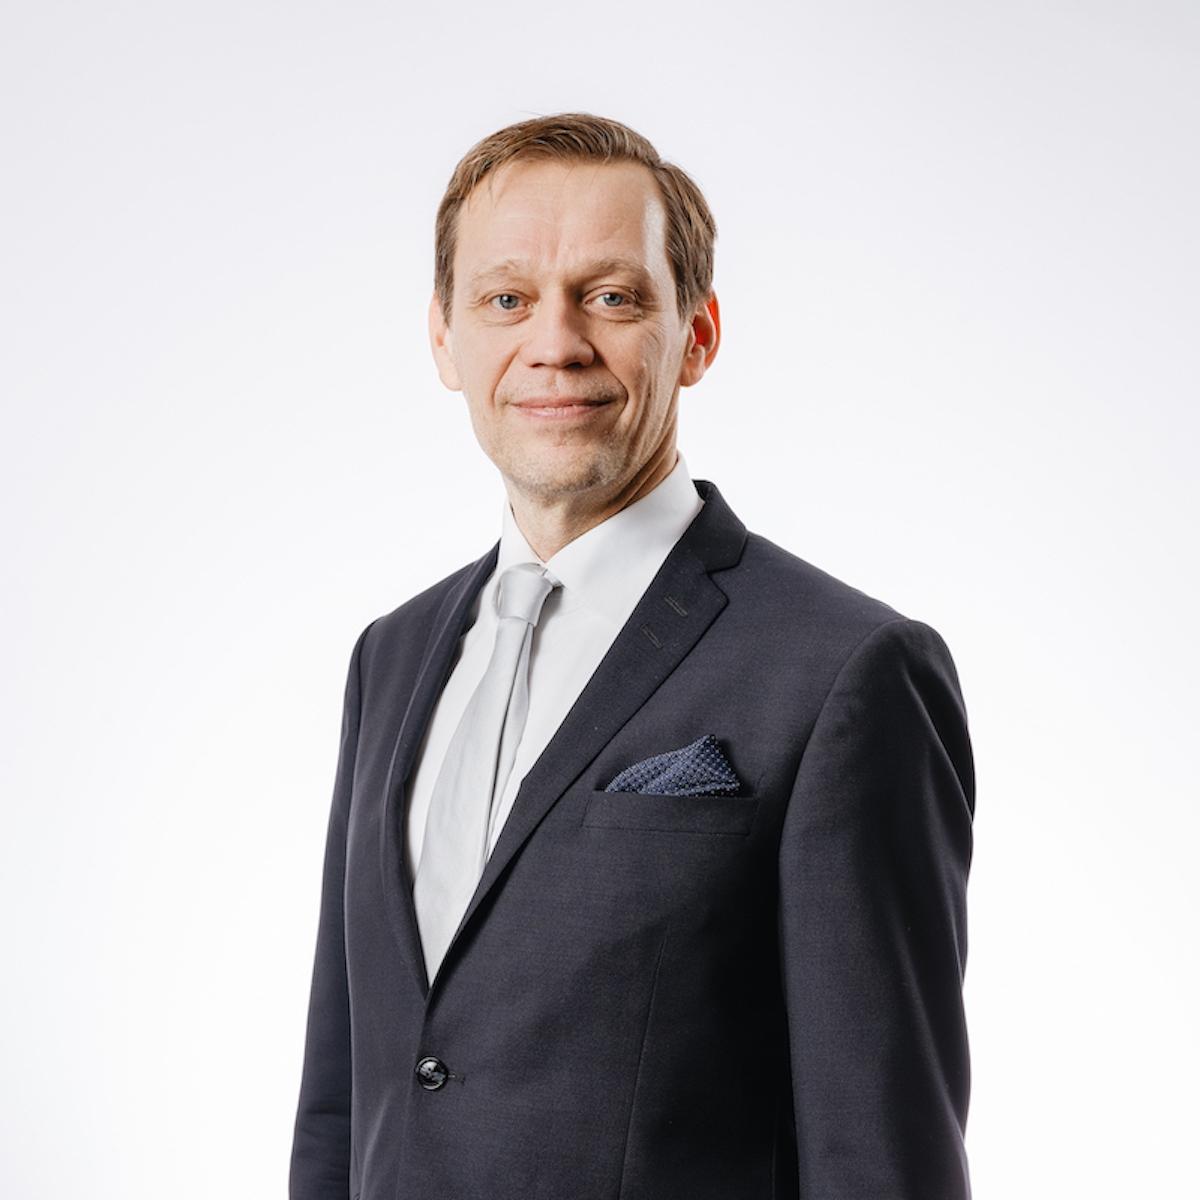 Juha Mäki-Lohiluoma